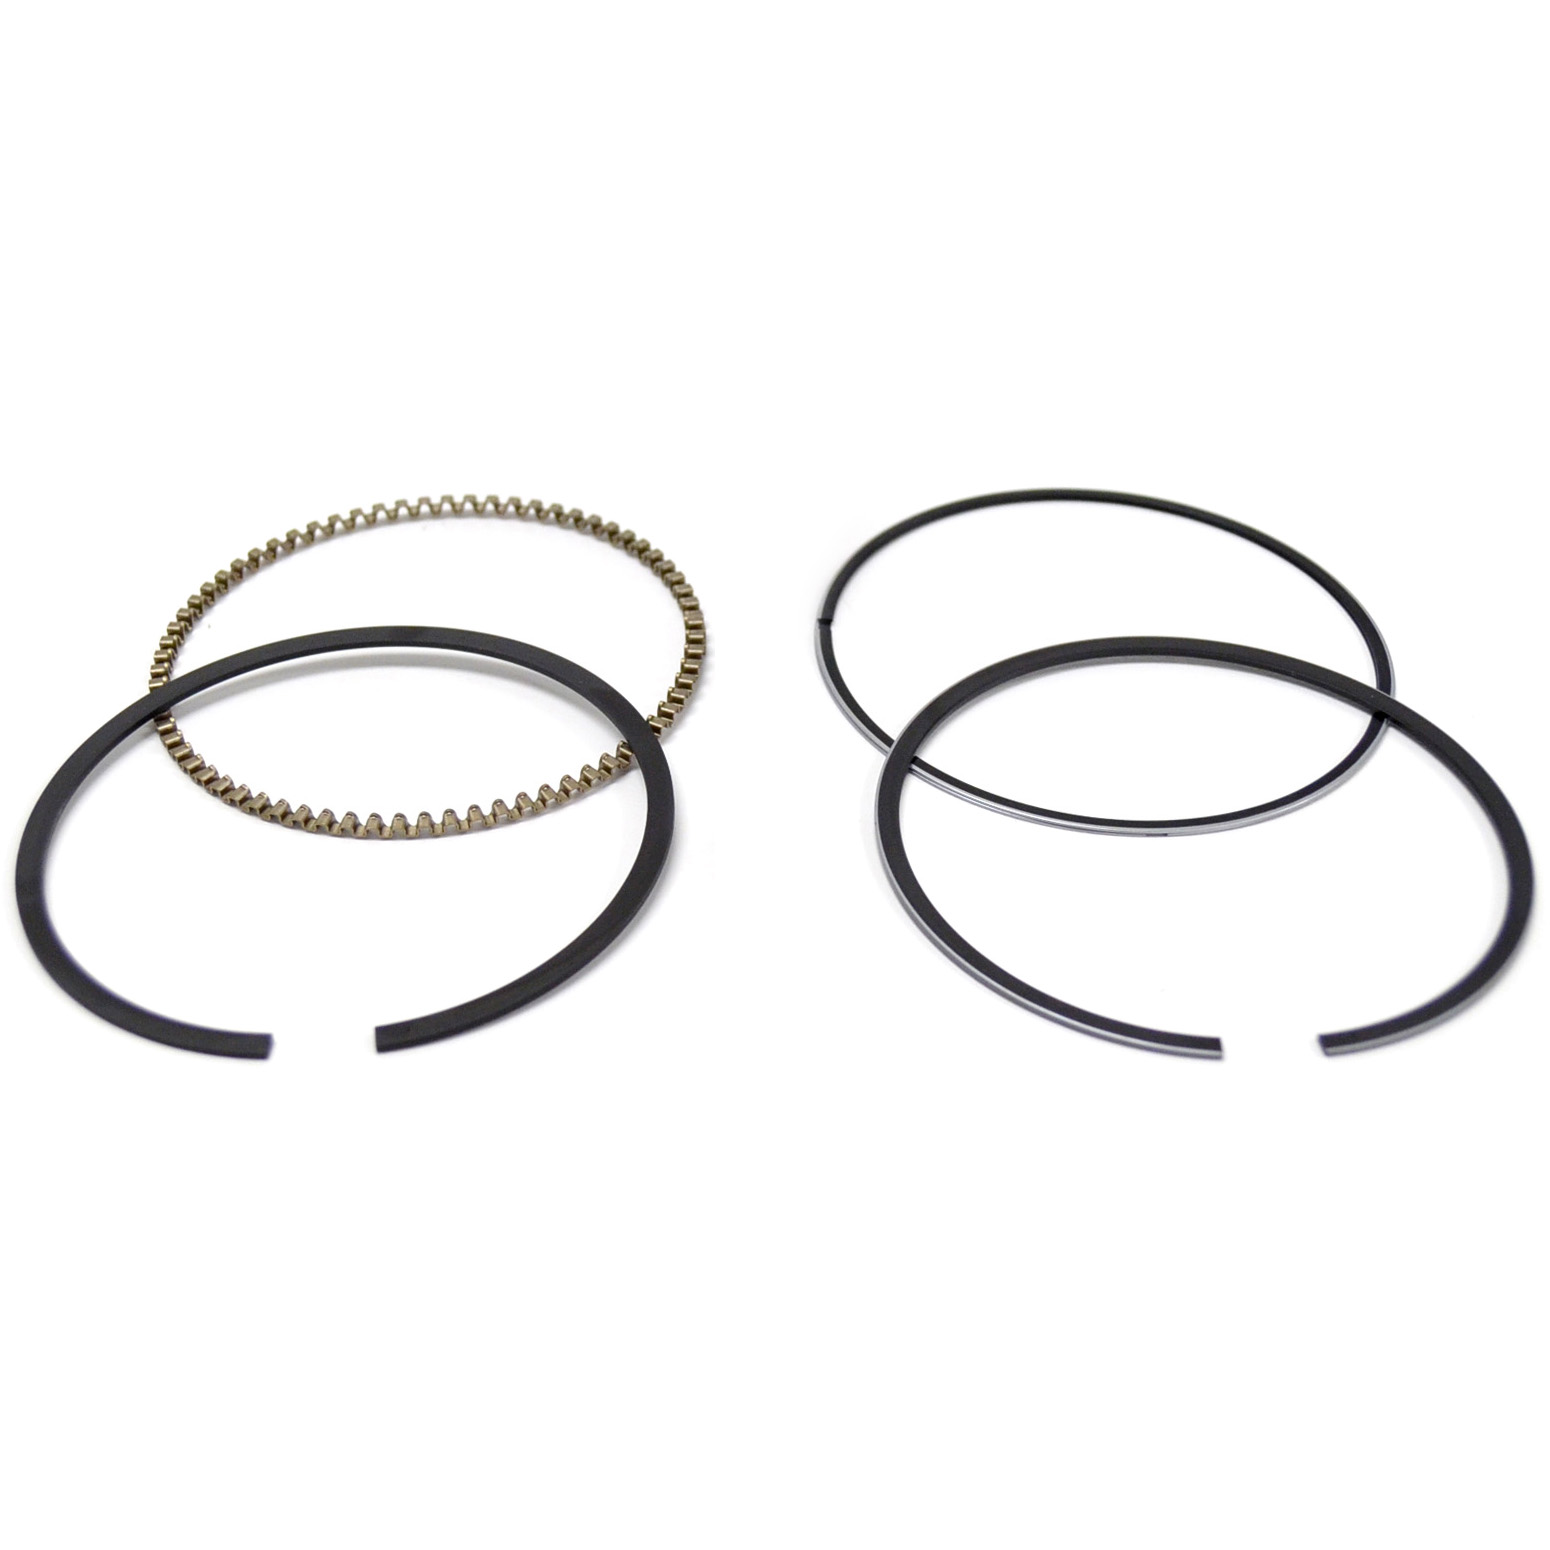 Honda TRX250 97-02 TRX250EX 01-02 Piston Rings +1mm 13011